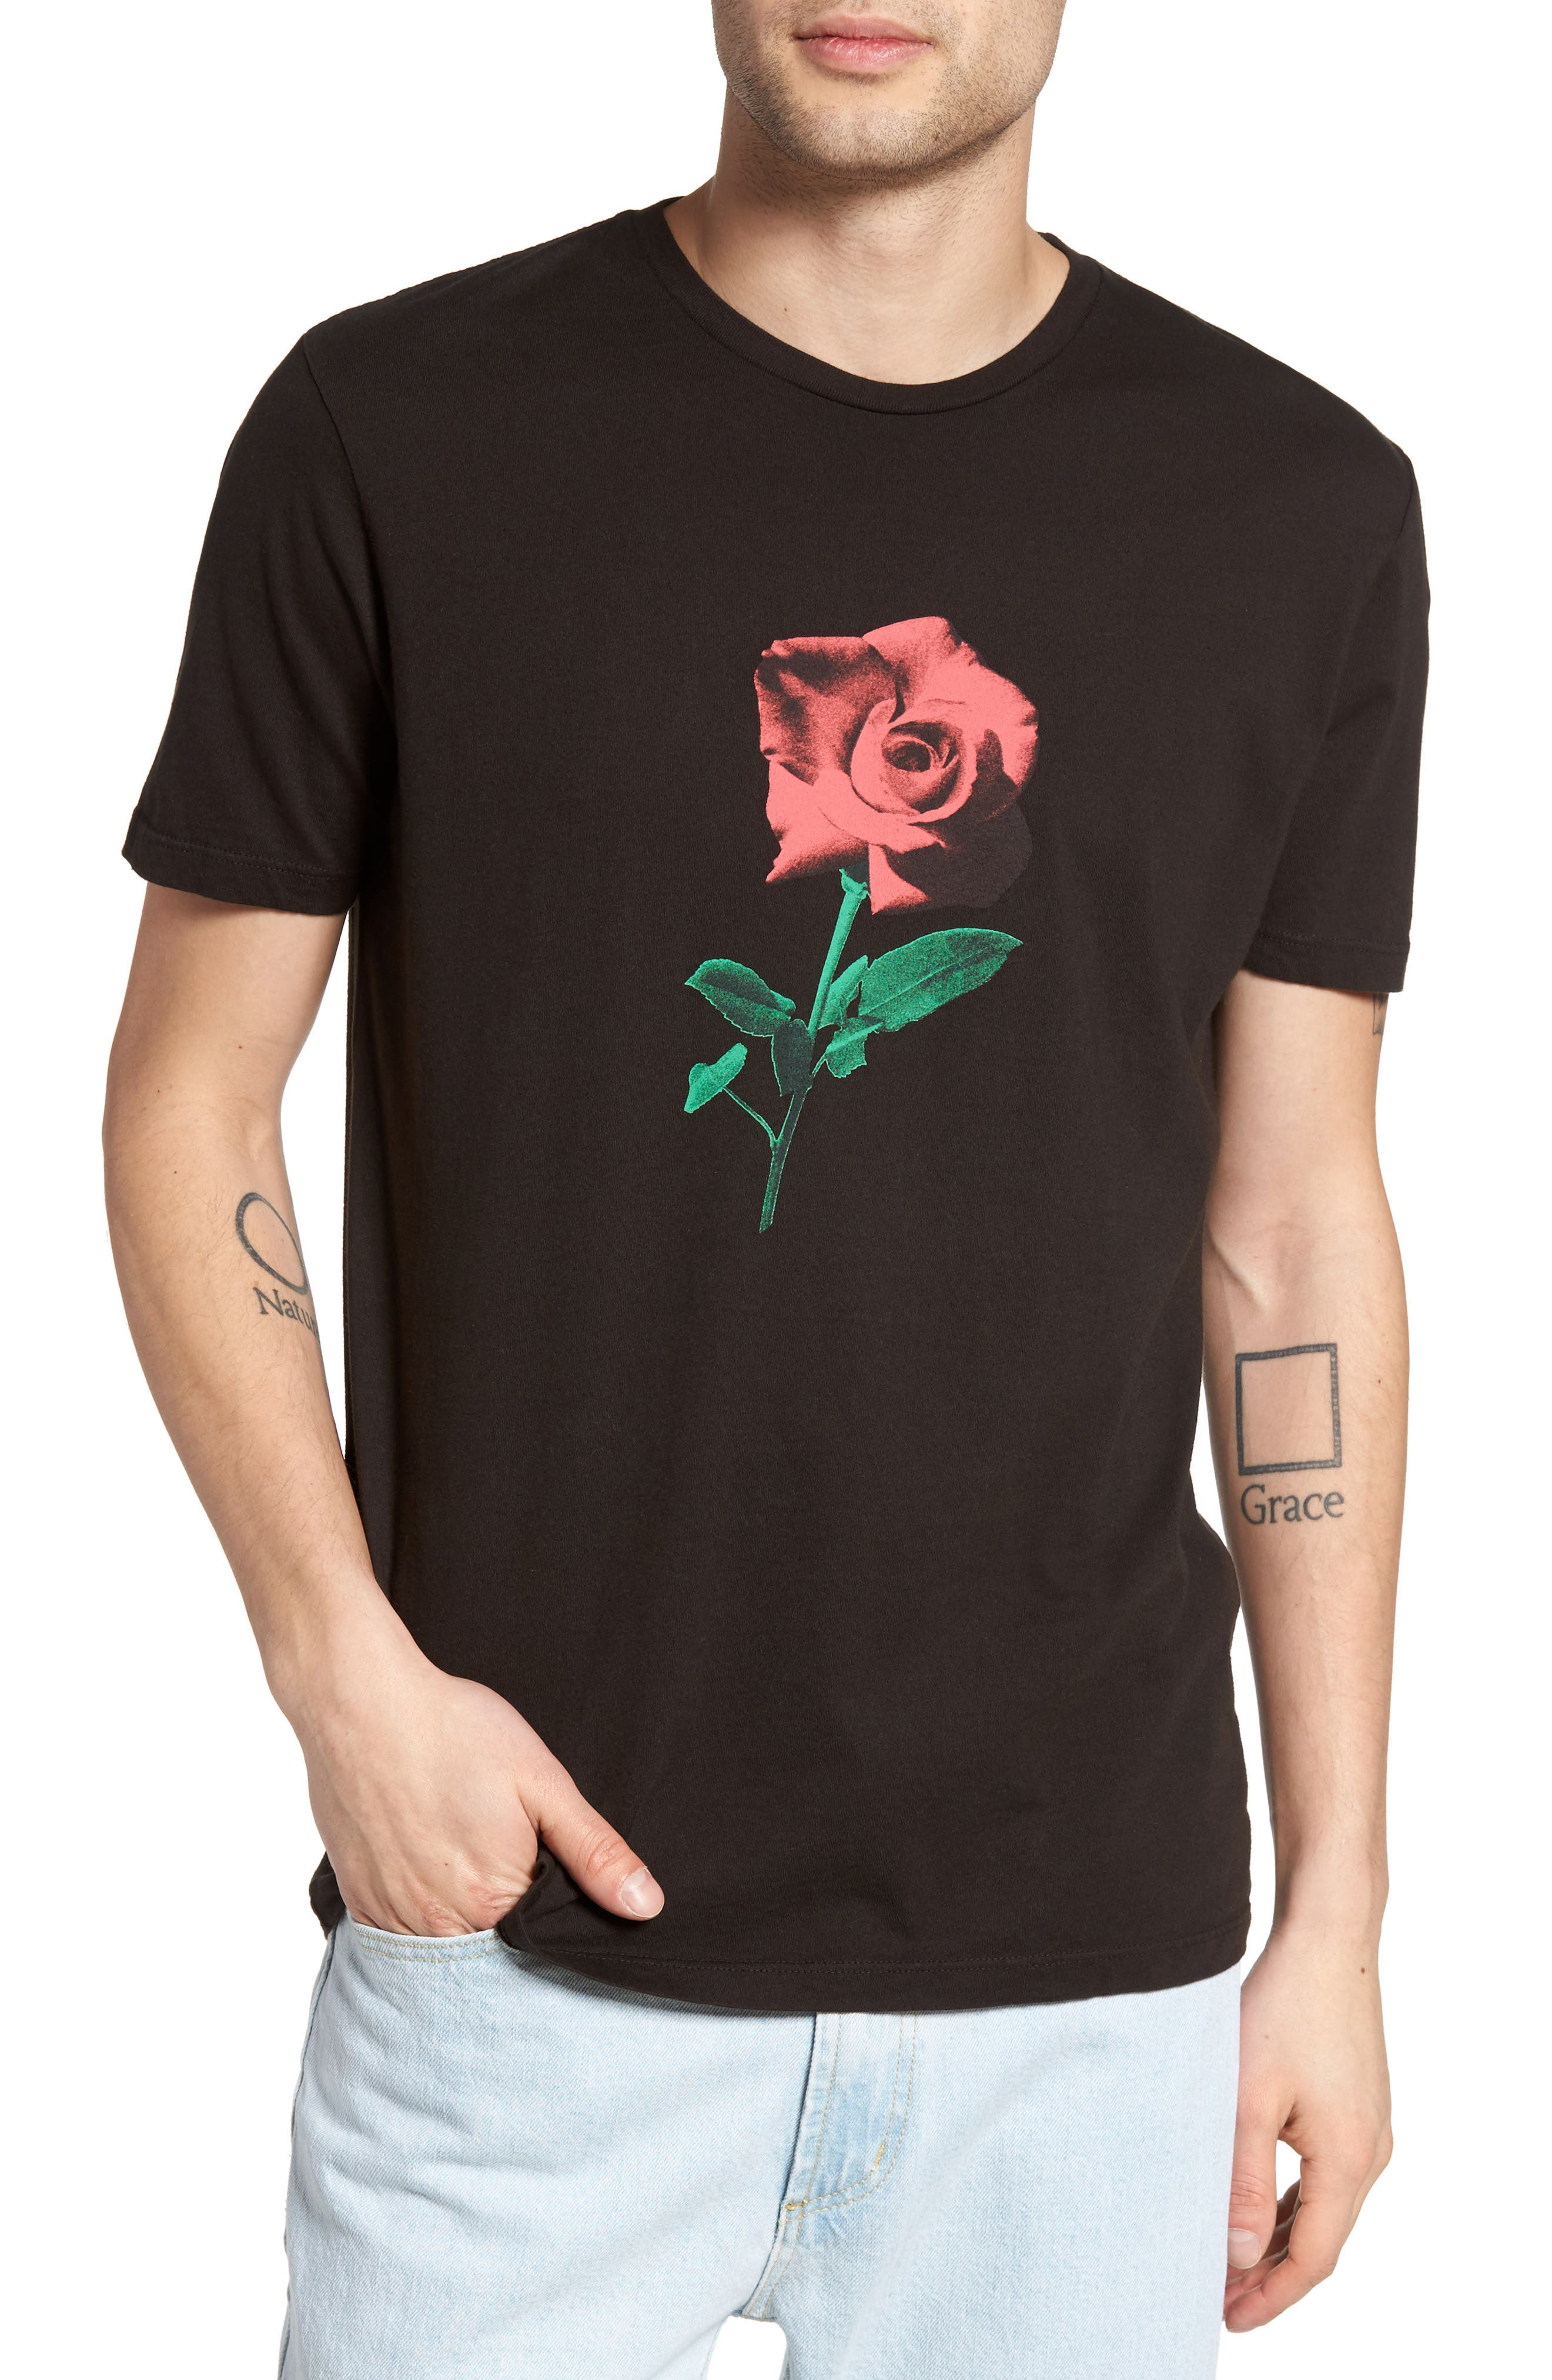 Altru Sweet Heart Graphic T-Shirt